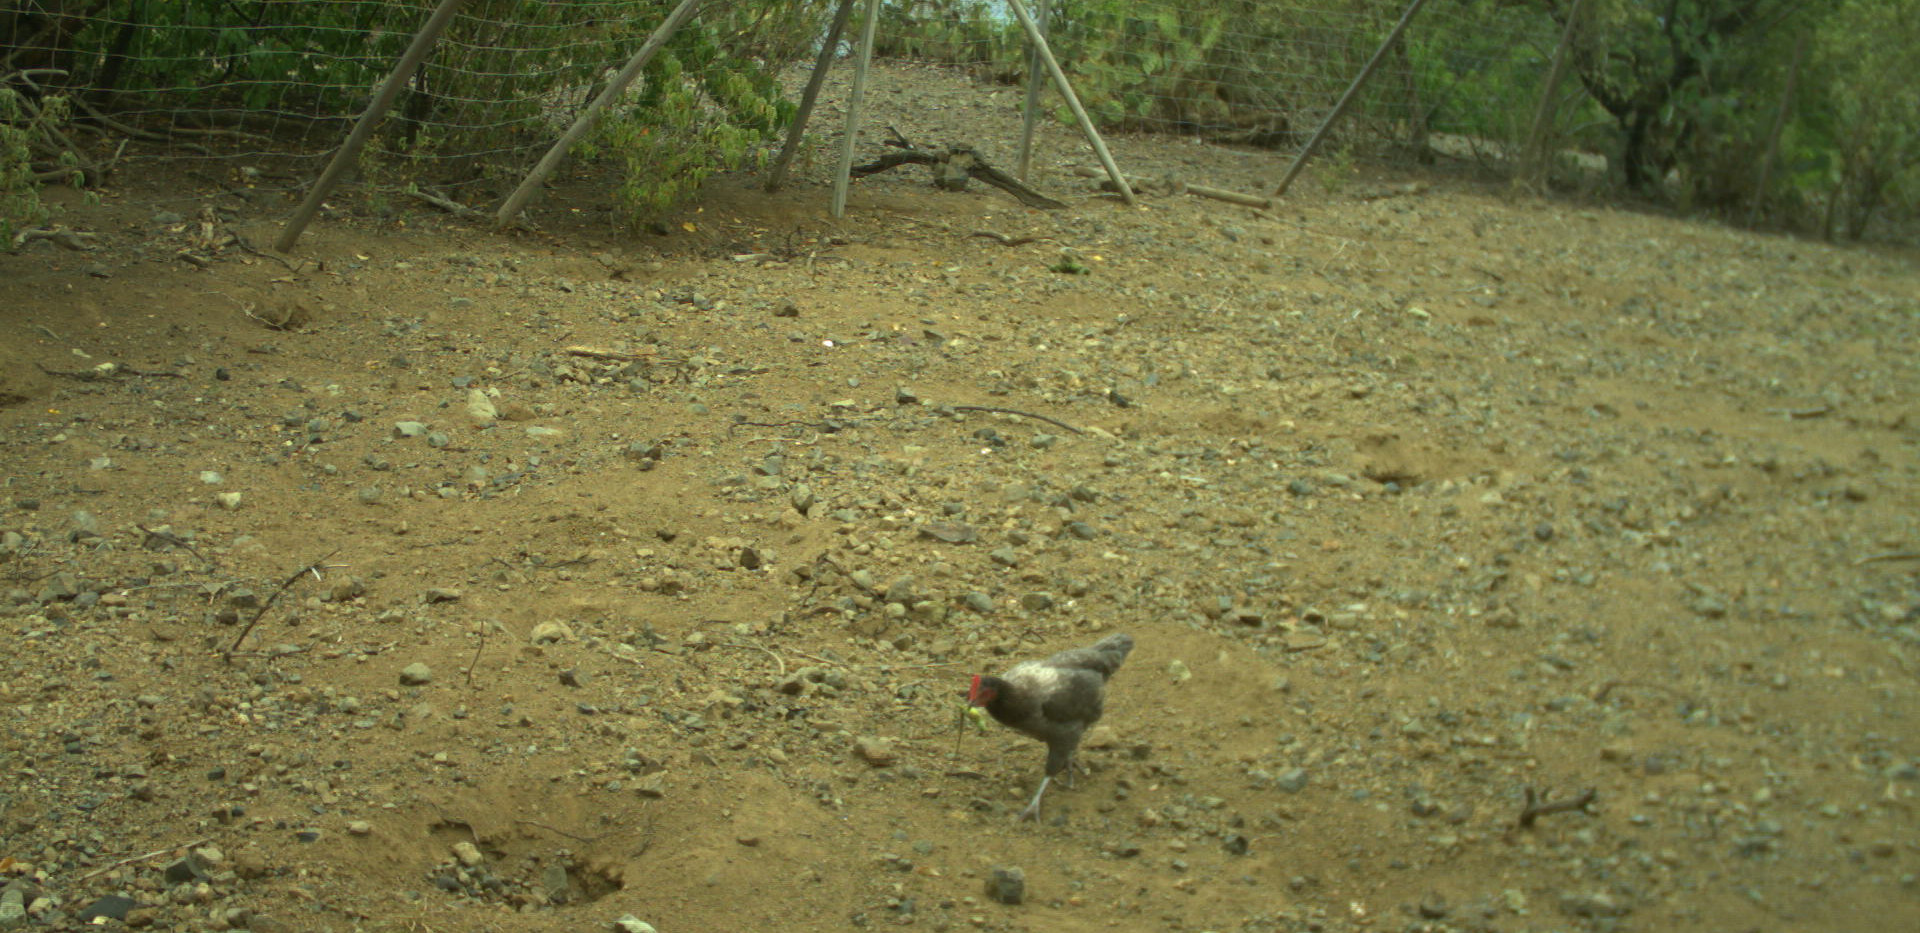 Prédation d'une poule sur un juvénile